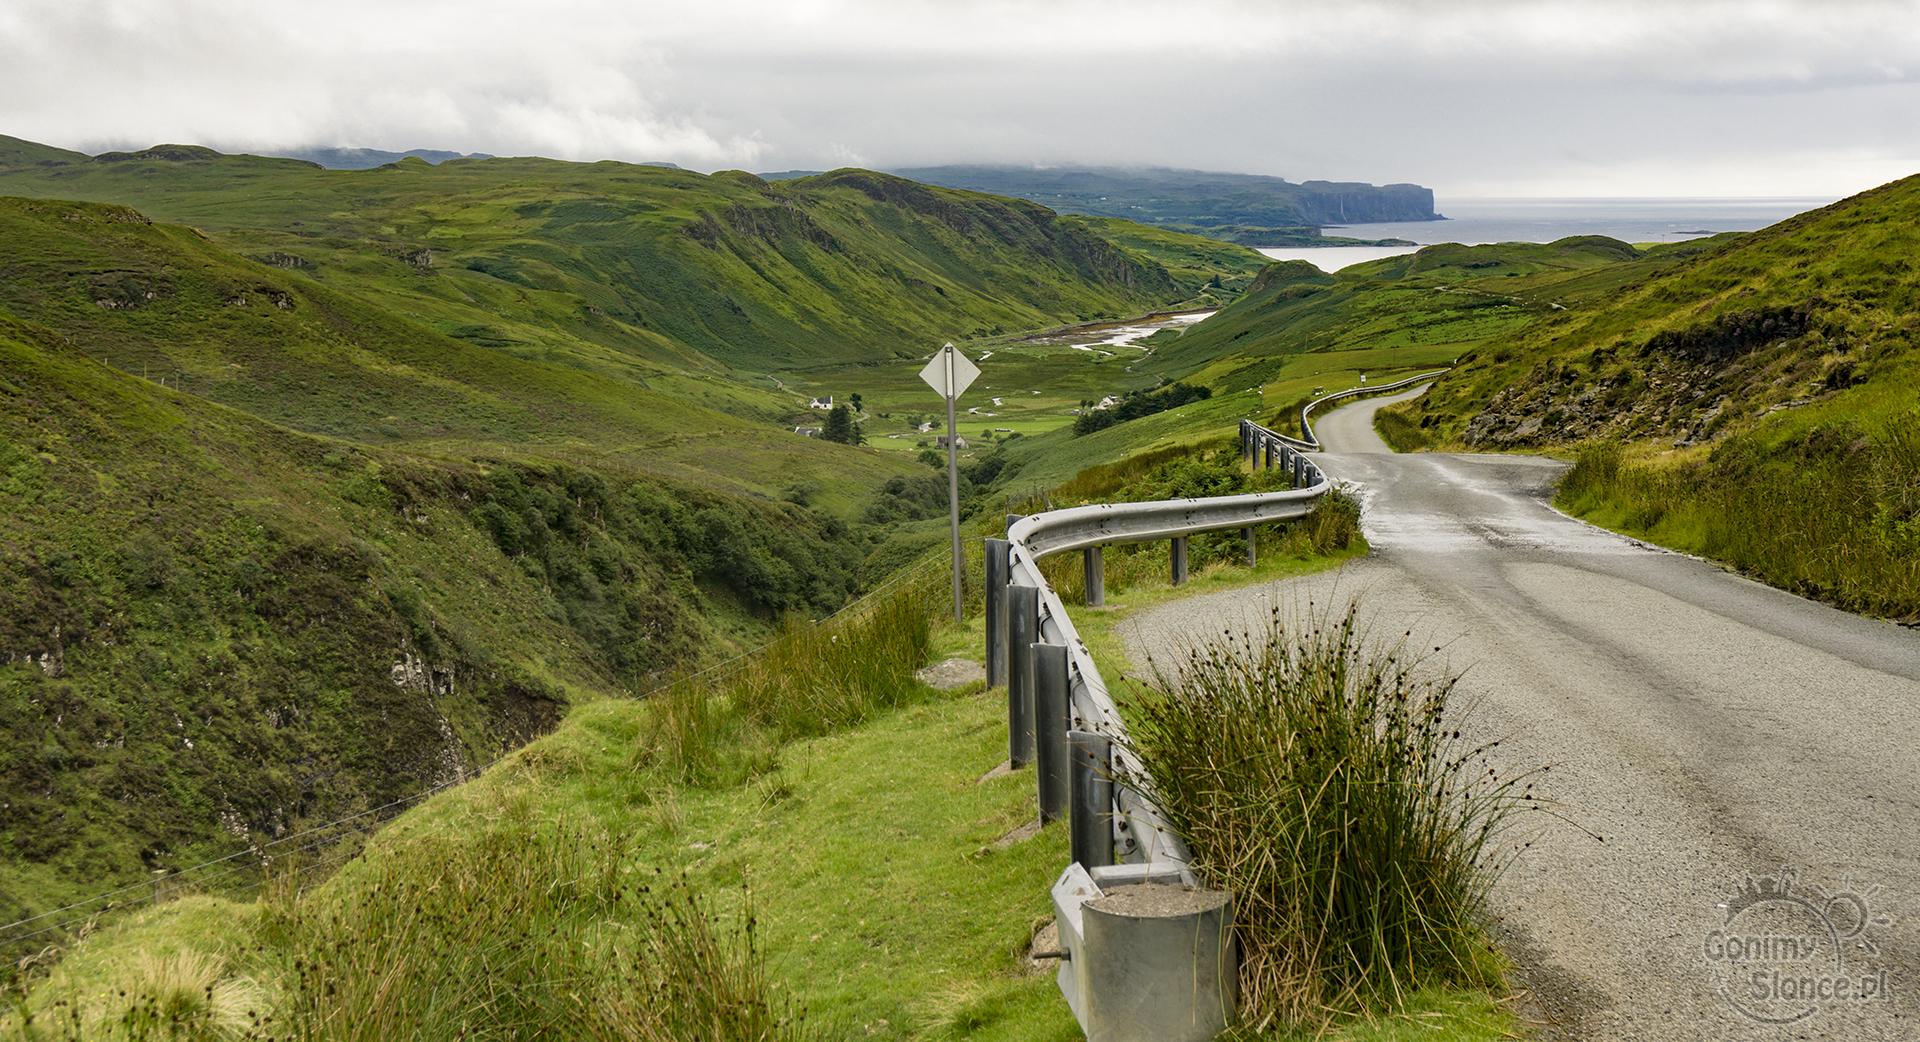 Szkocja, Skye, Road trip, szkockie widoki